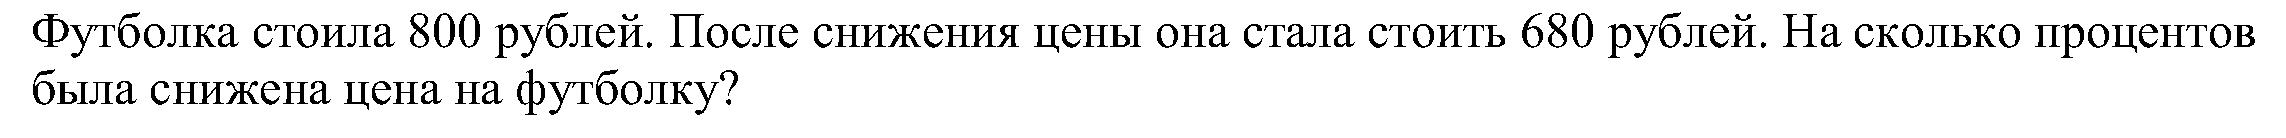 hello_html_3c7eae94.png